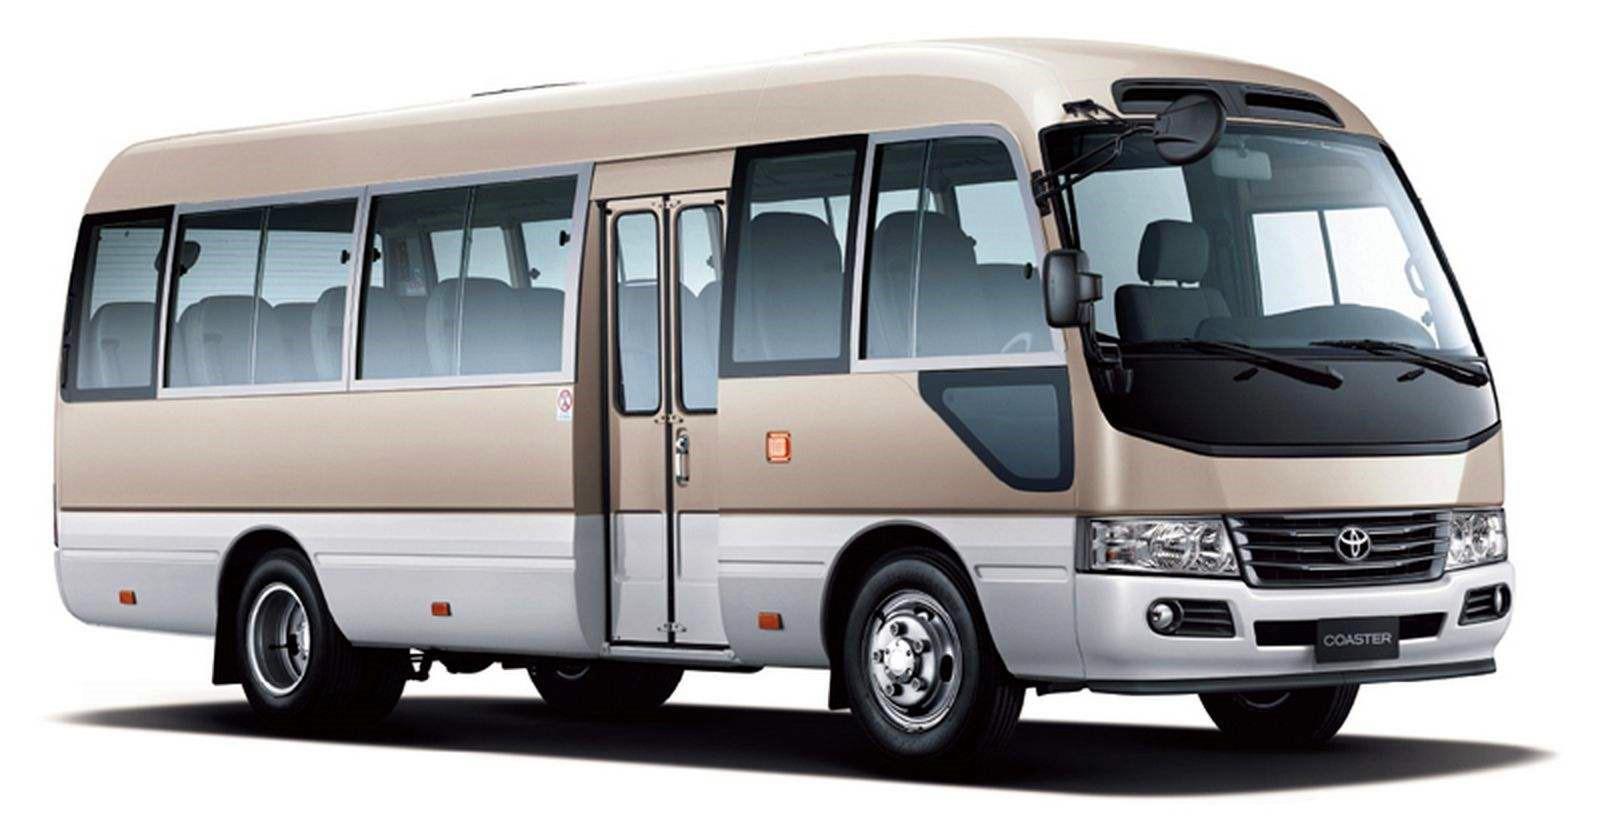 淄博27座丰田考斯特旅游车出租,价格优惠,商务会议